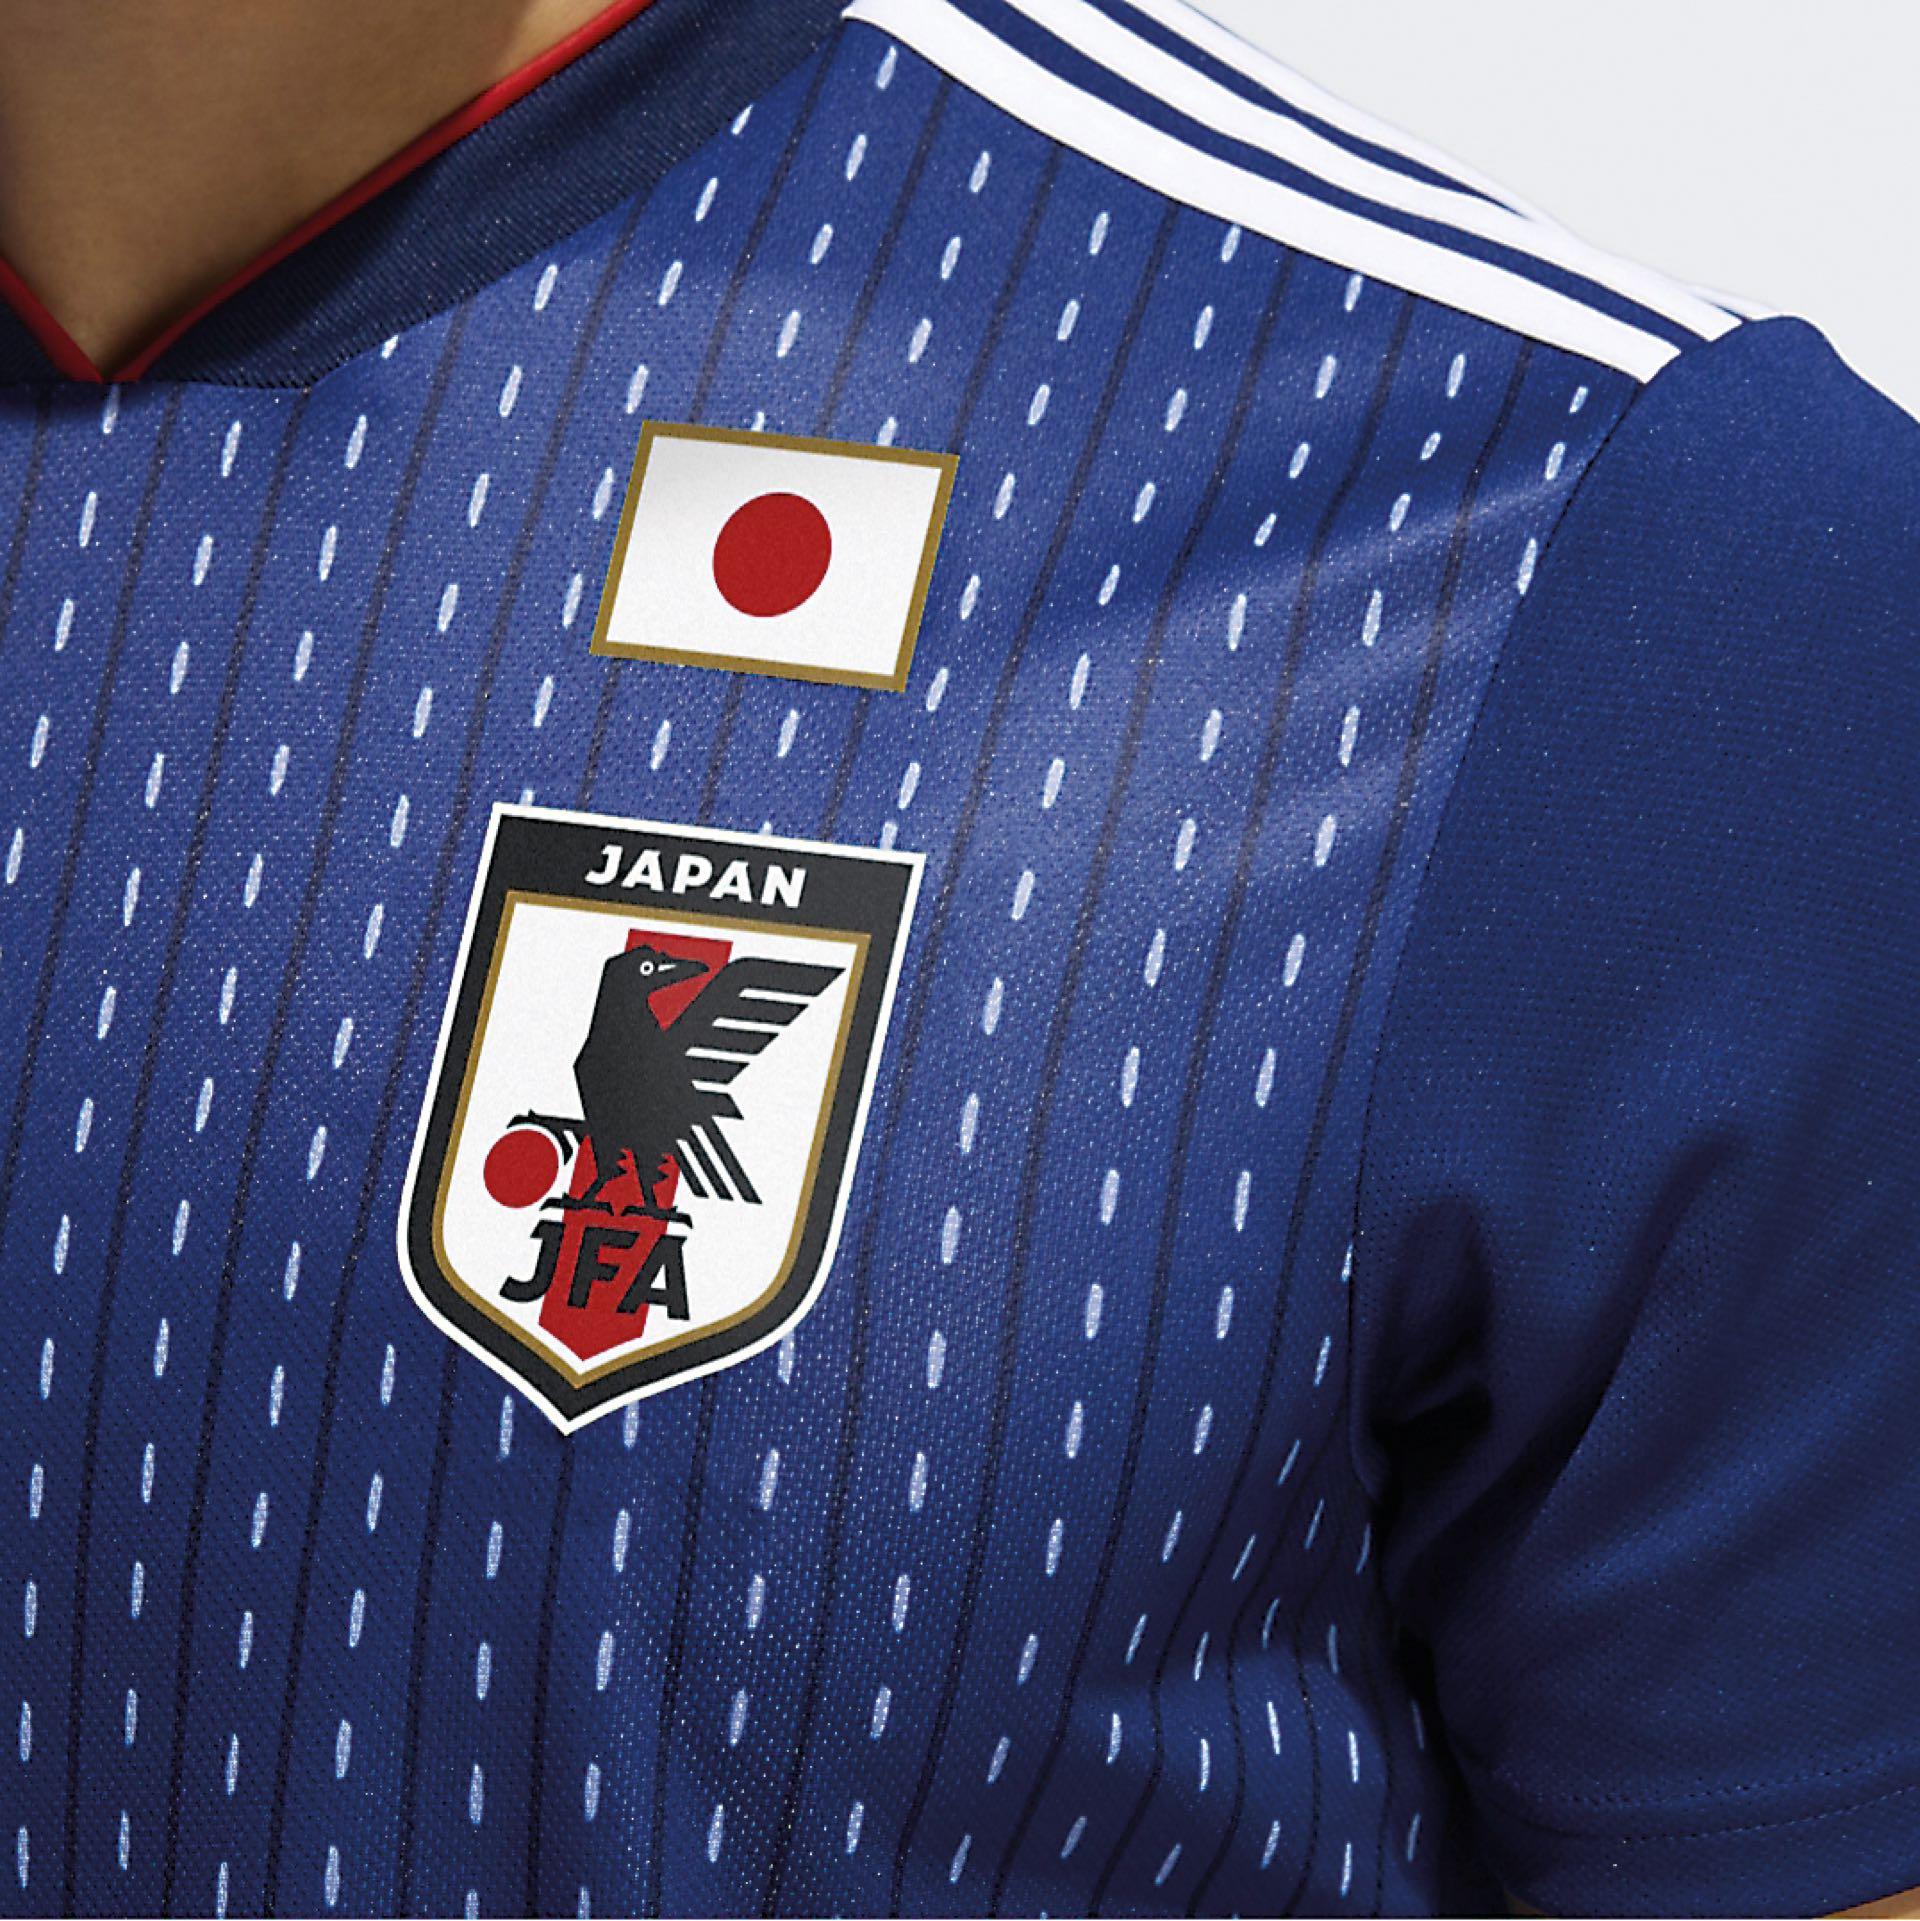 Técnicas de bordado tradicional en la camiseta de Japón. Los detalles predominan en los looks de Rusia 2018.